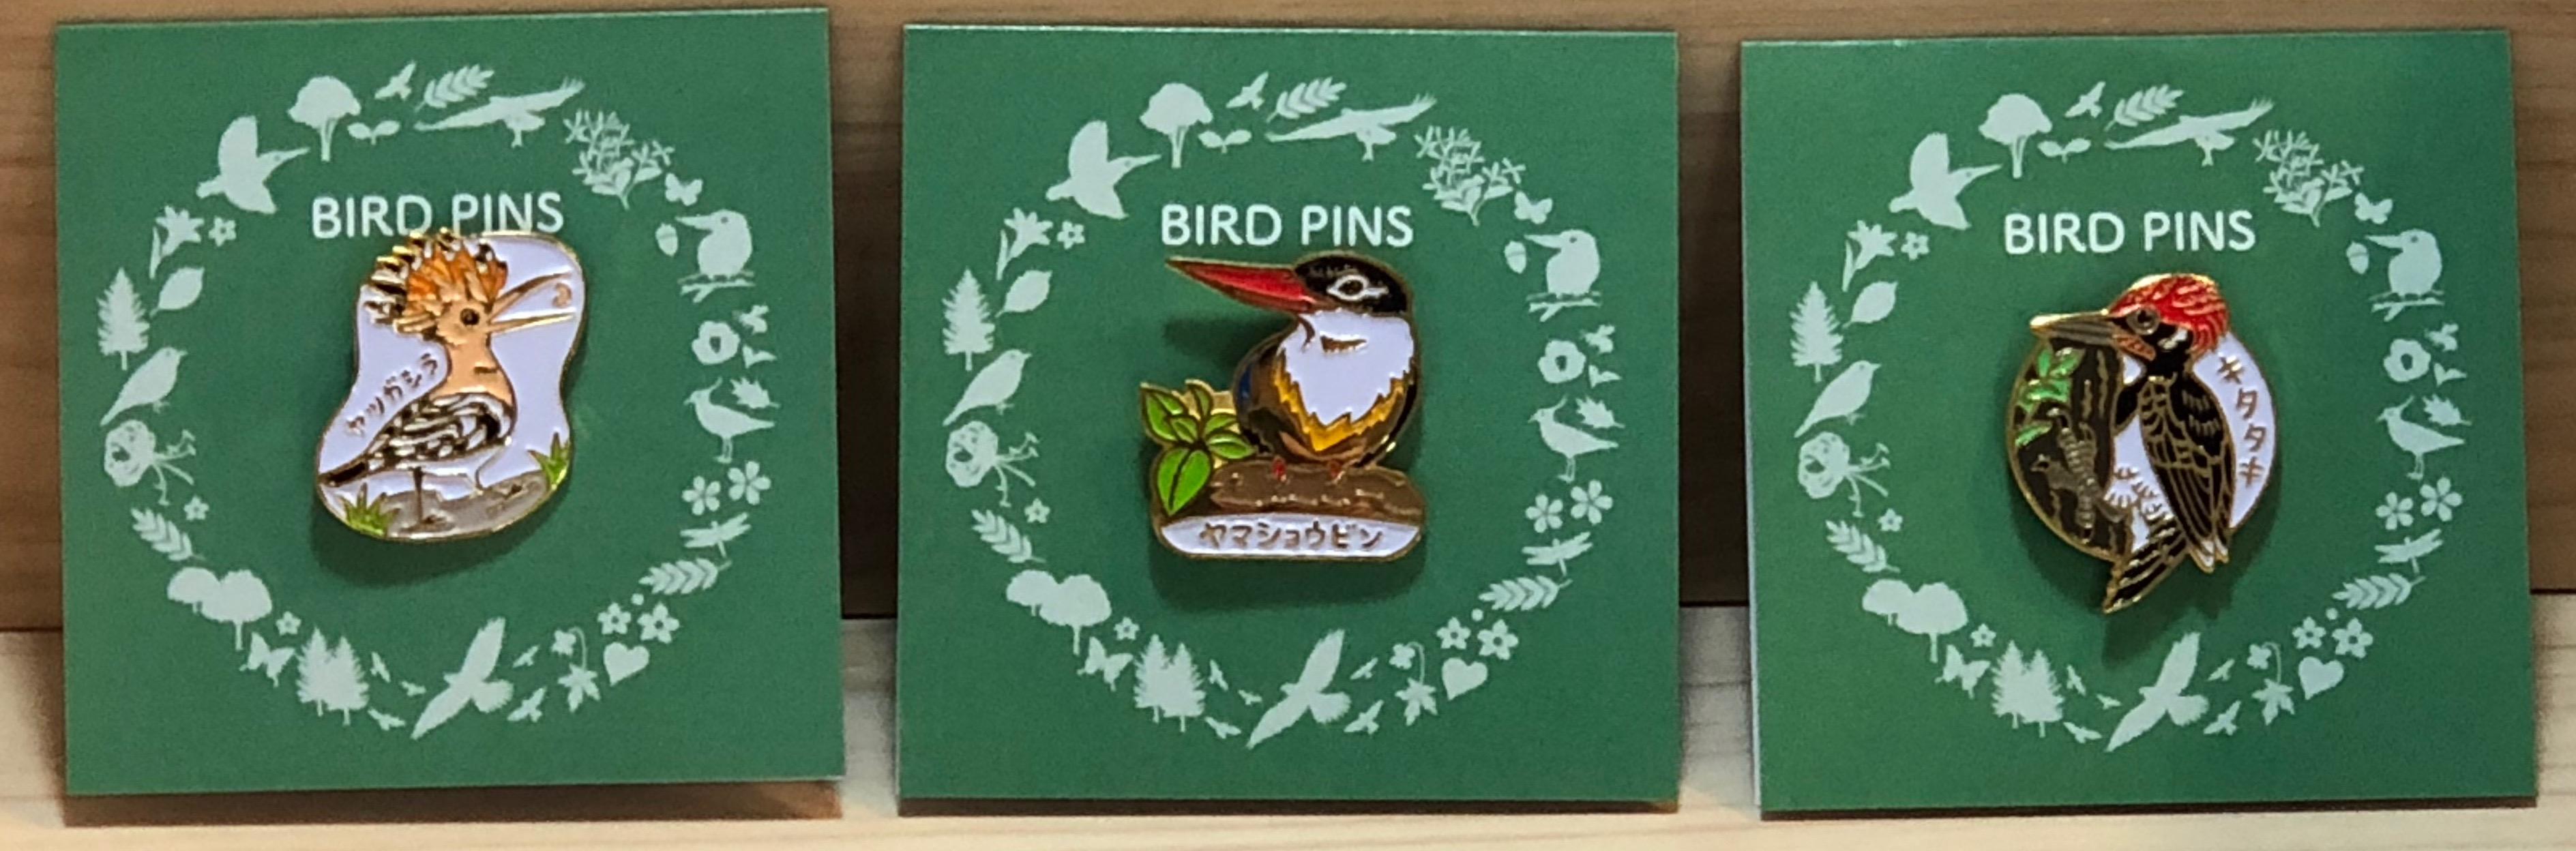 新発売! 野鳥ピンズ